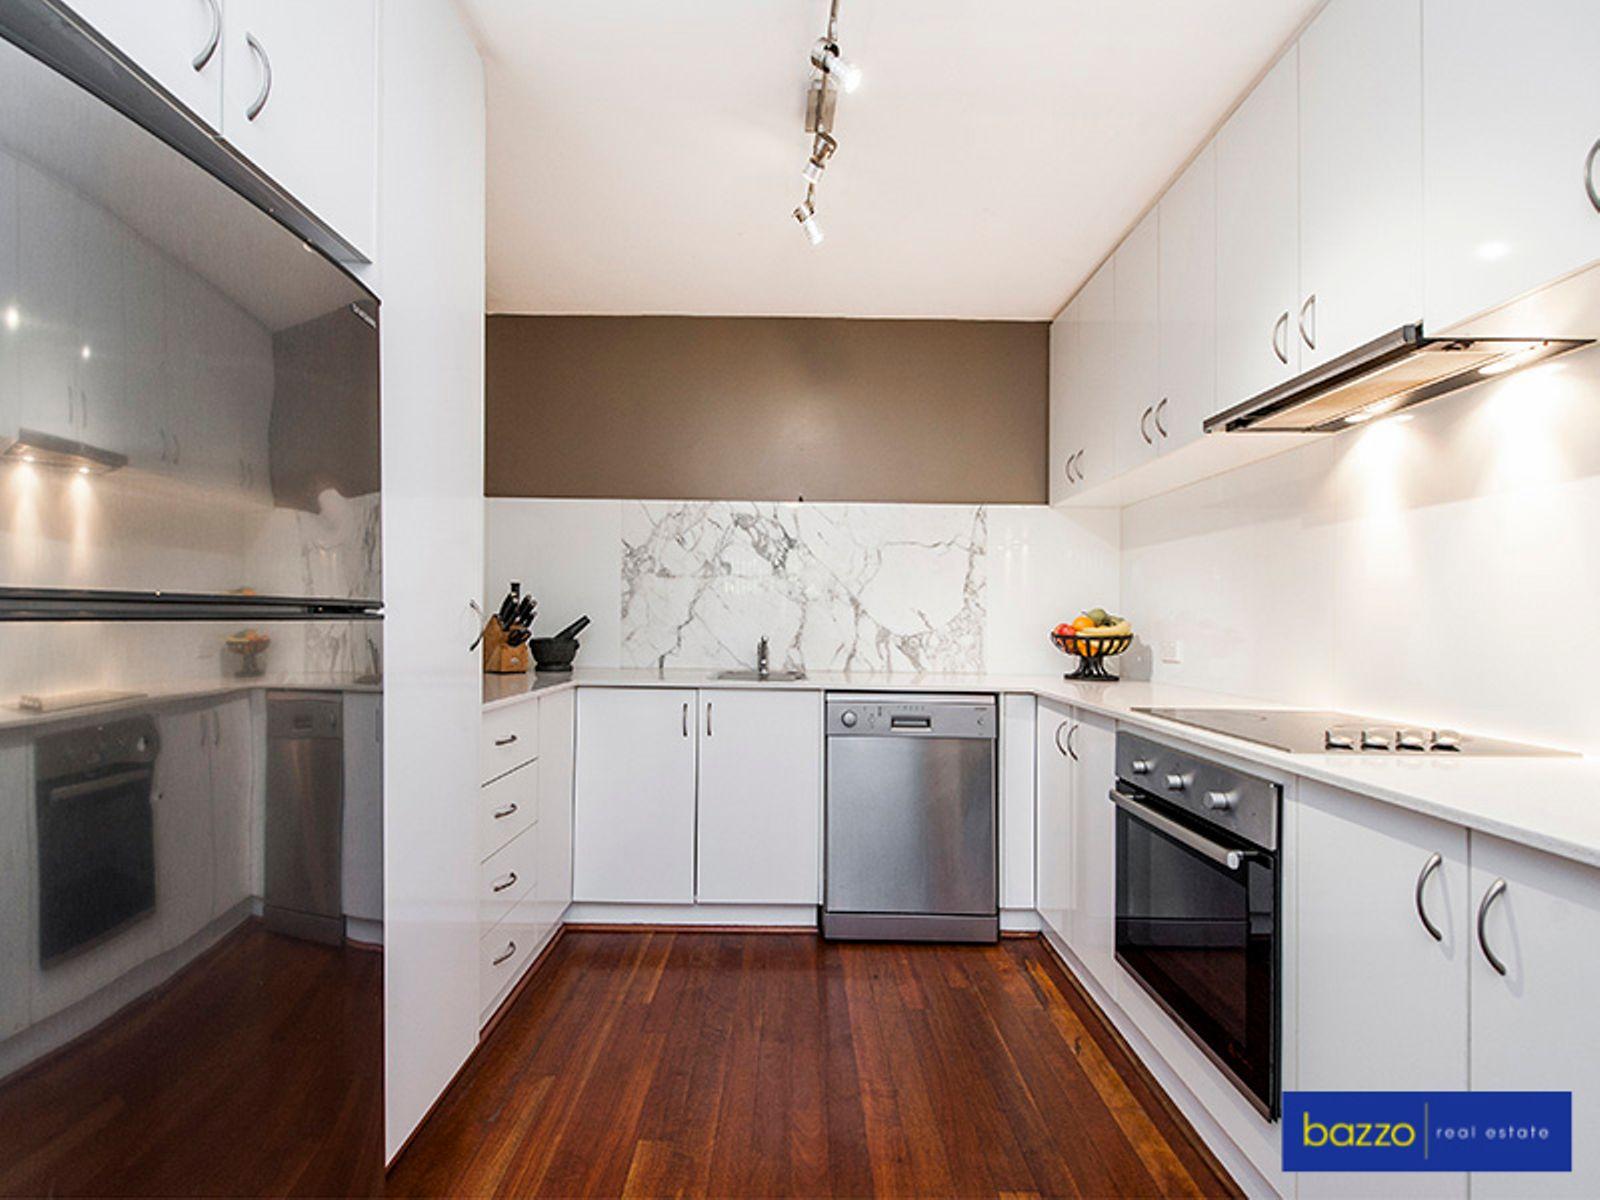 Bazzo Real Estate :: 2/71 Fourth Ave, Mount Lawley, WA 6929